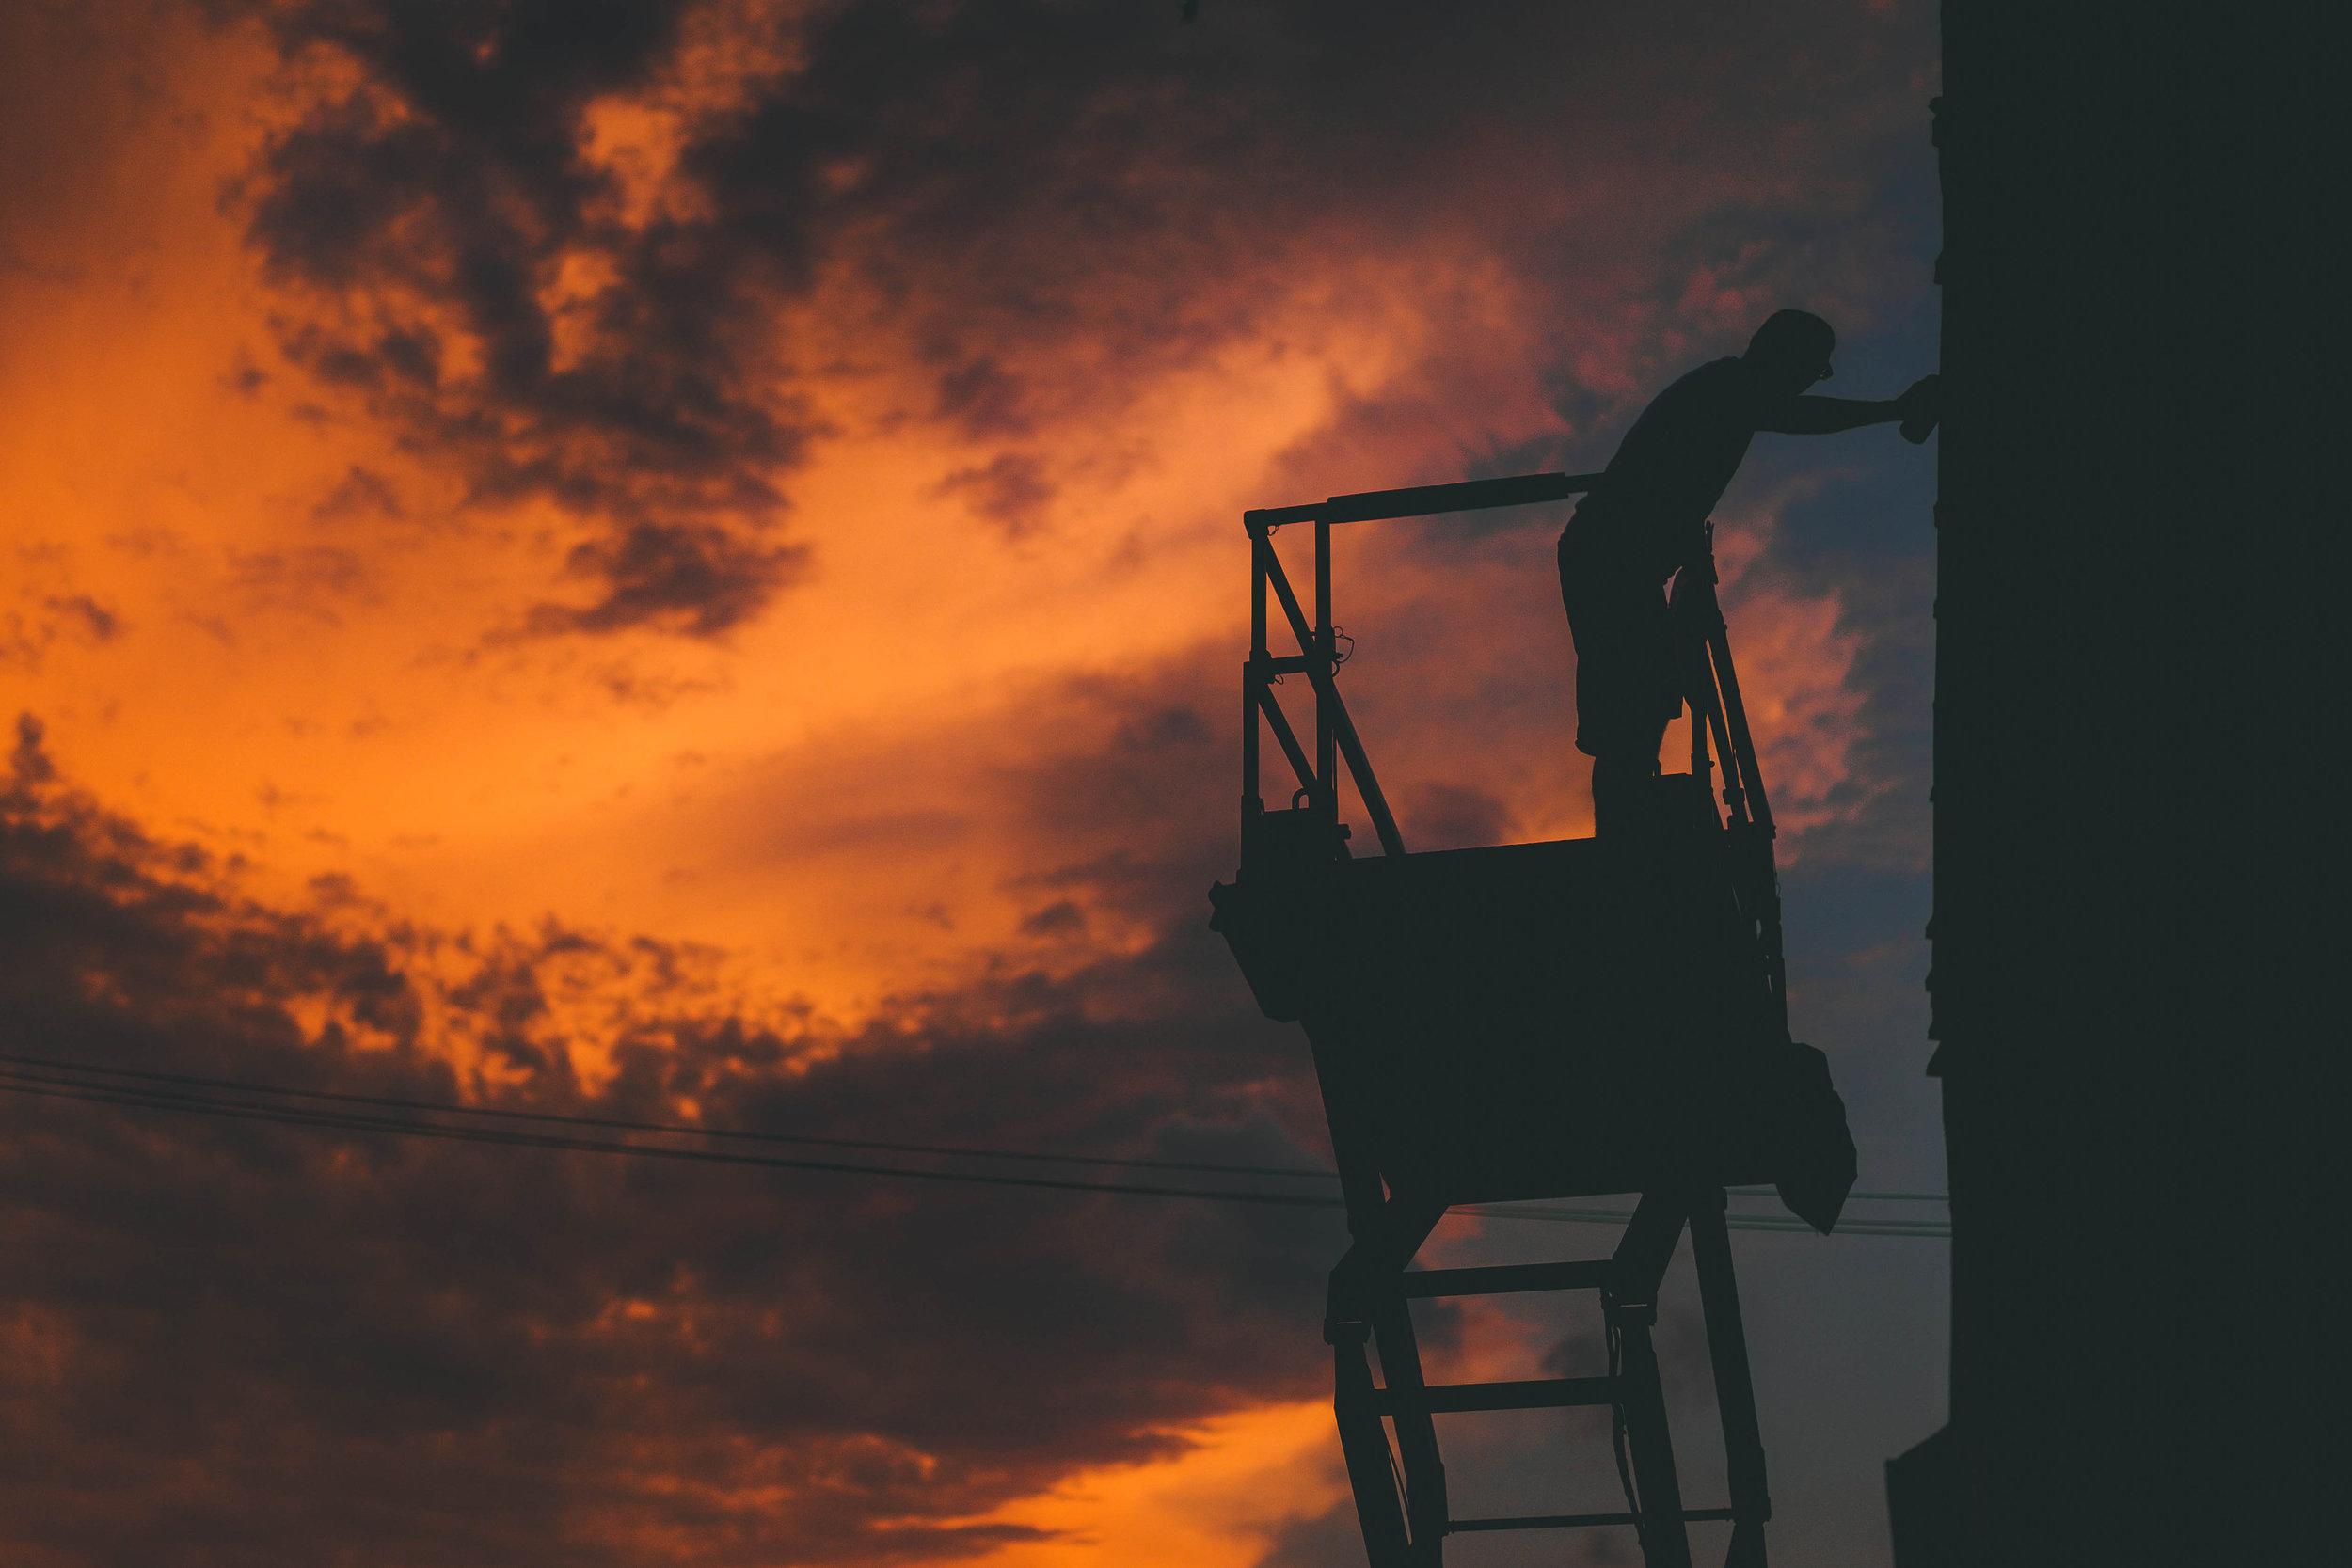 Sermob_sunset_day-1_Photo-by-Yasin-Osman_@yescene.jpg